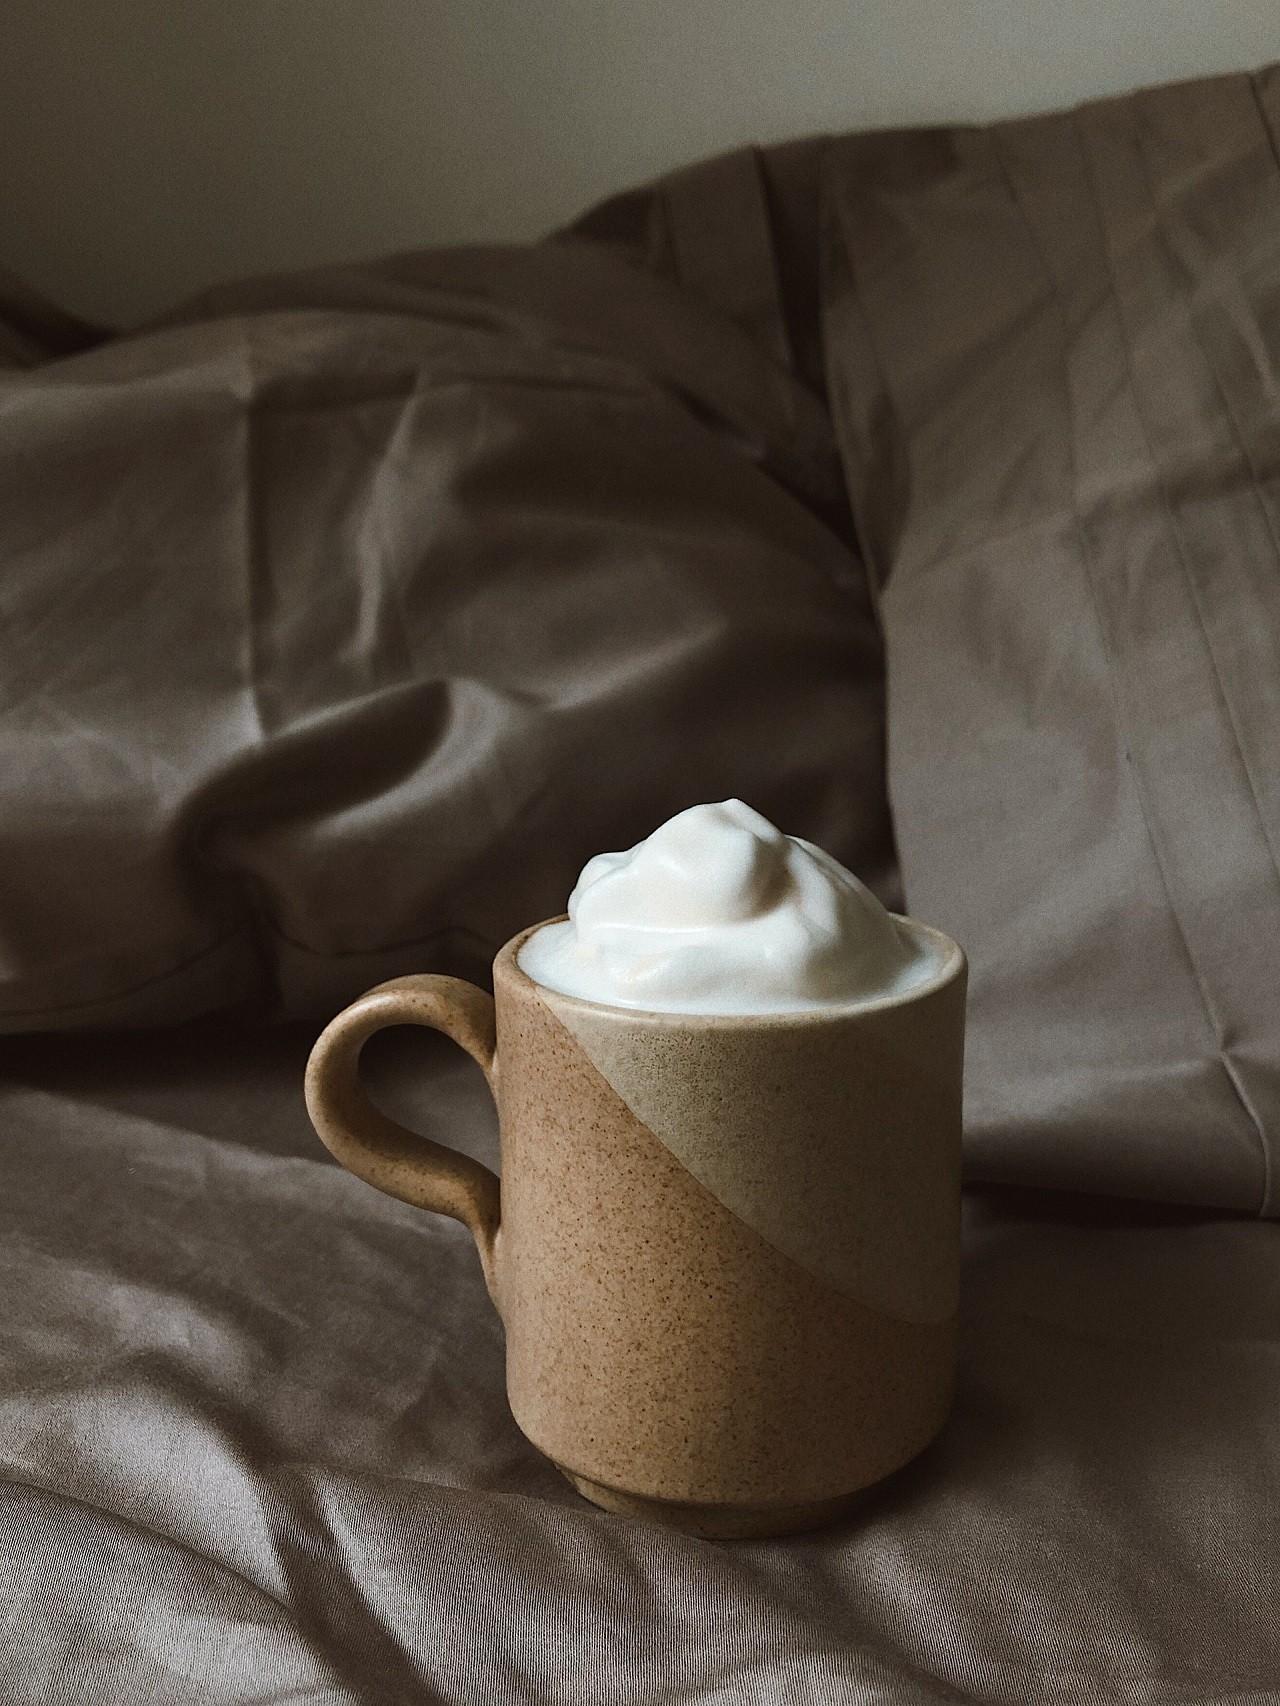 Mit einem eigenen Hand-Milchaufschäumer kannst Du die Milch je nach belieben stark aufschäumen.